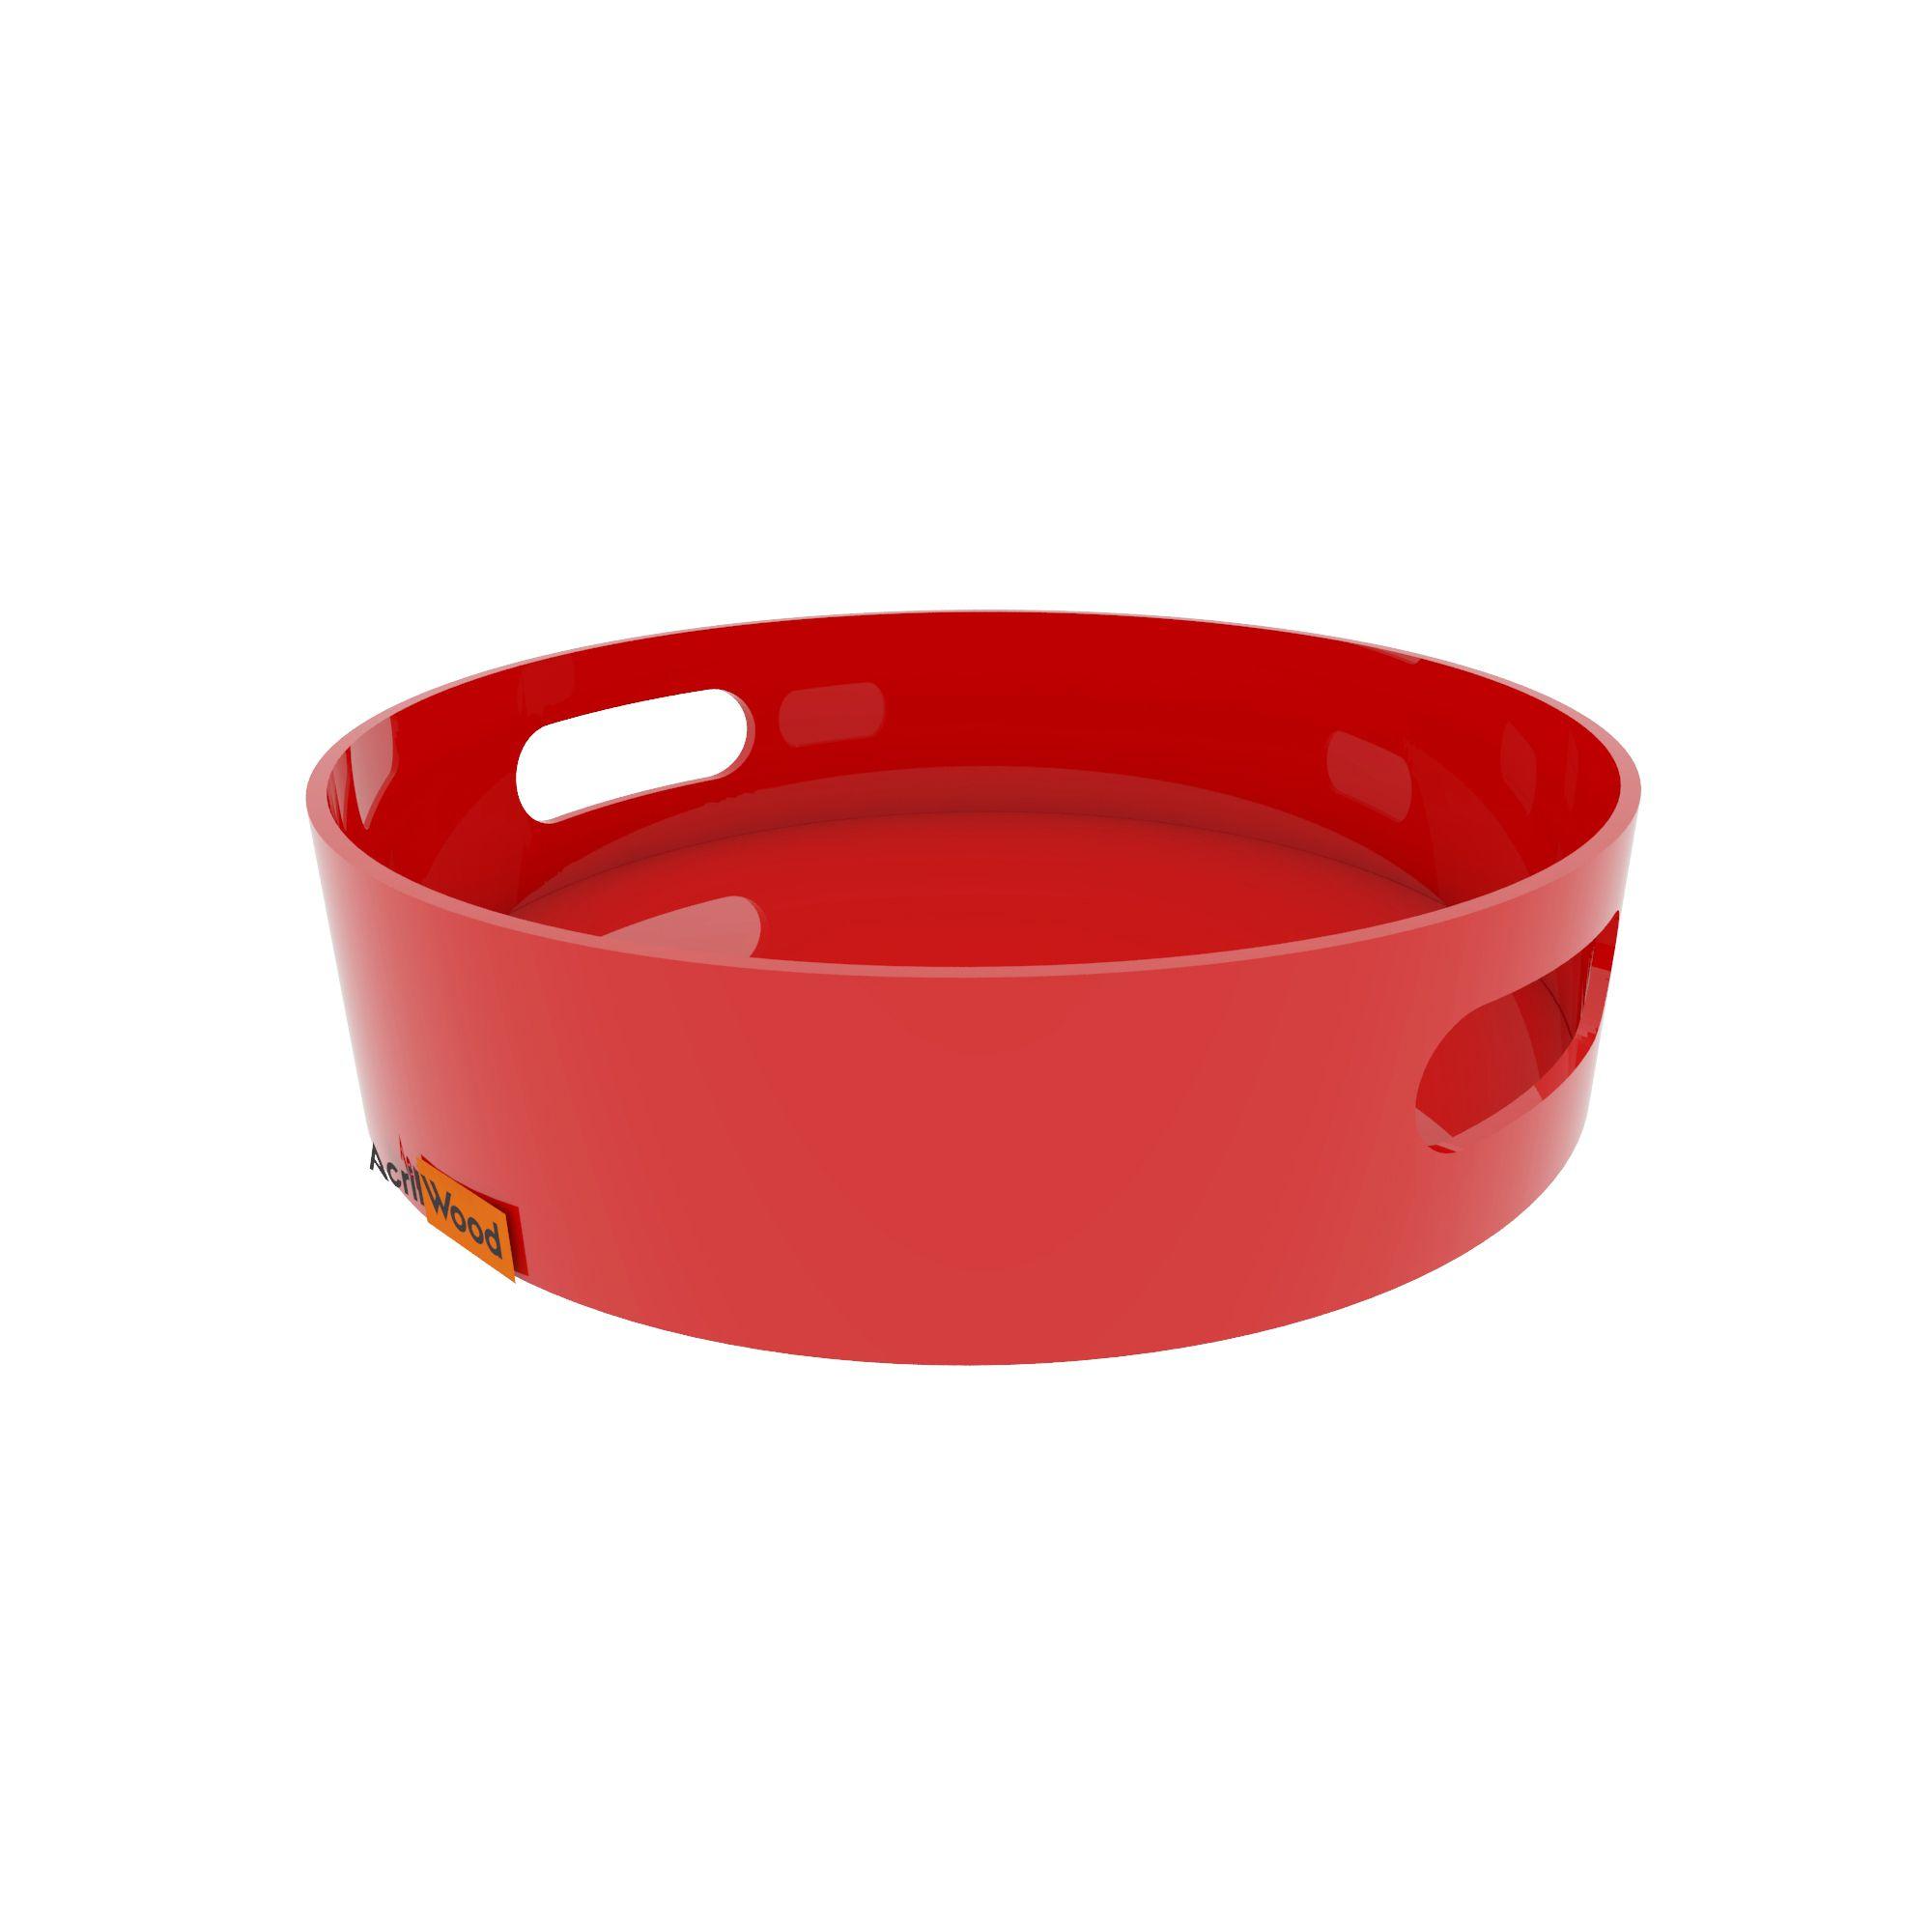 Bandeja Redonda Em Acrílico Colorido Pequena 20x20x5cm